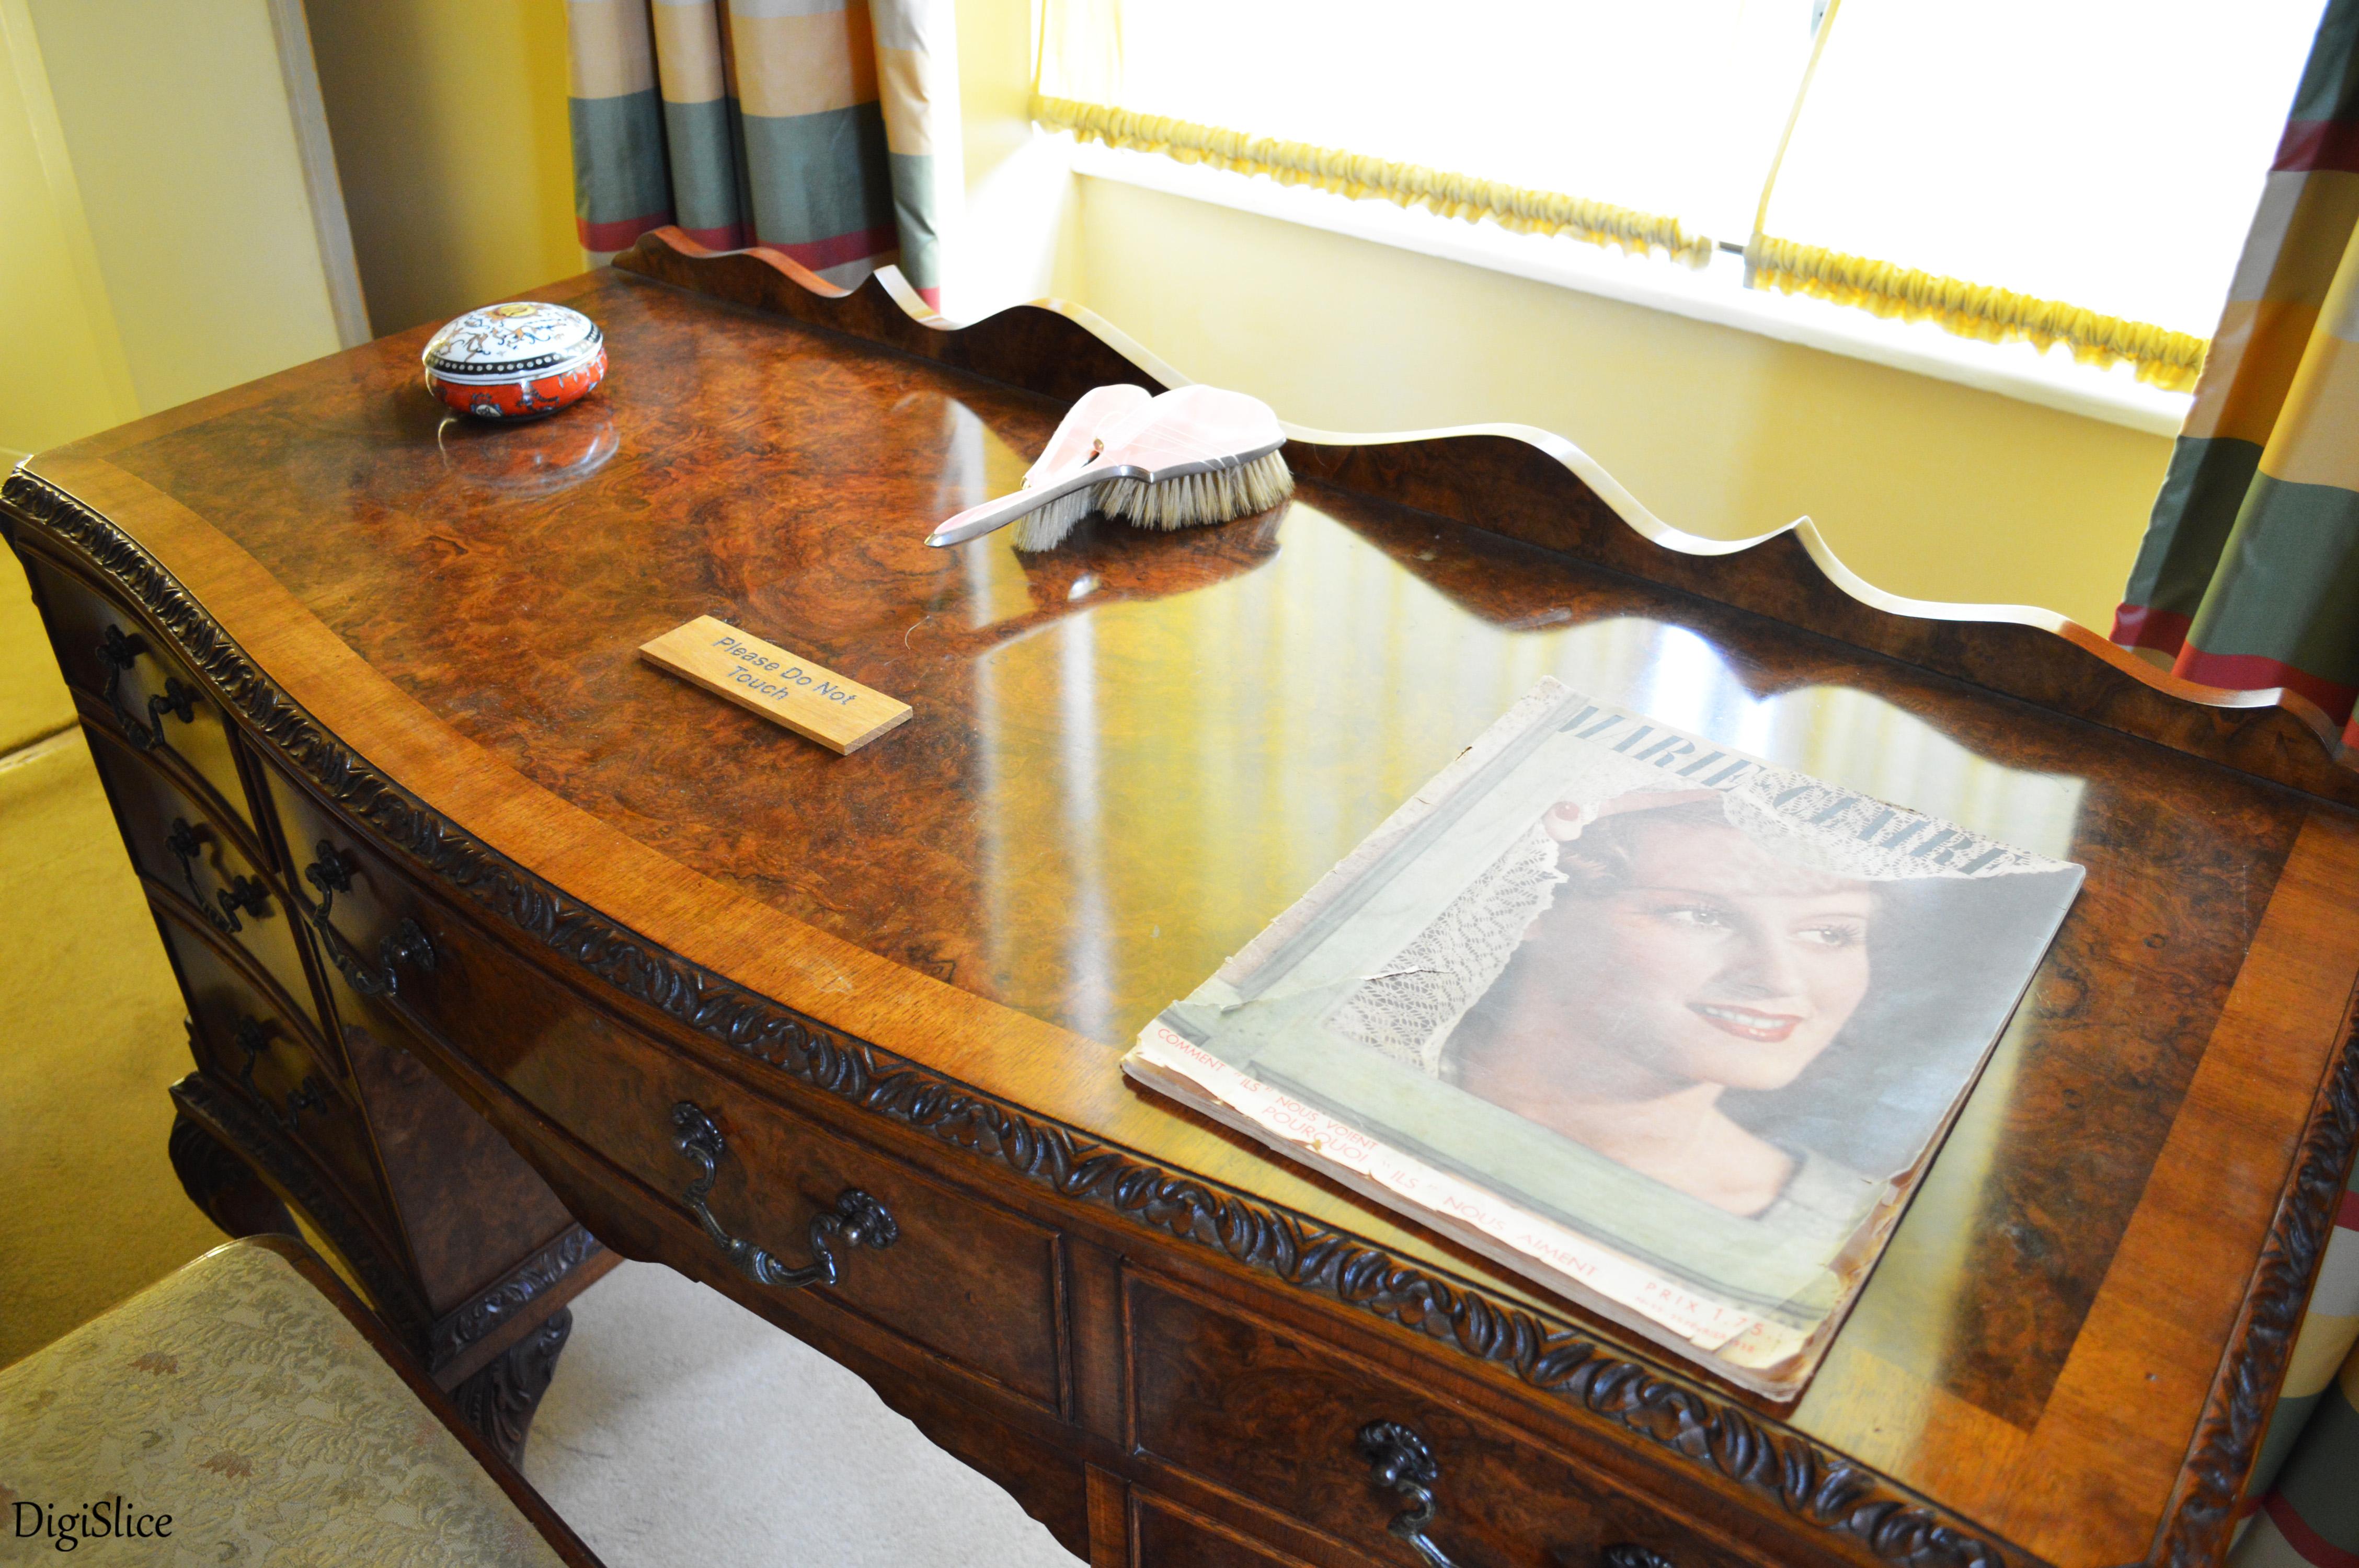 Eltham Palace desk